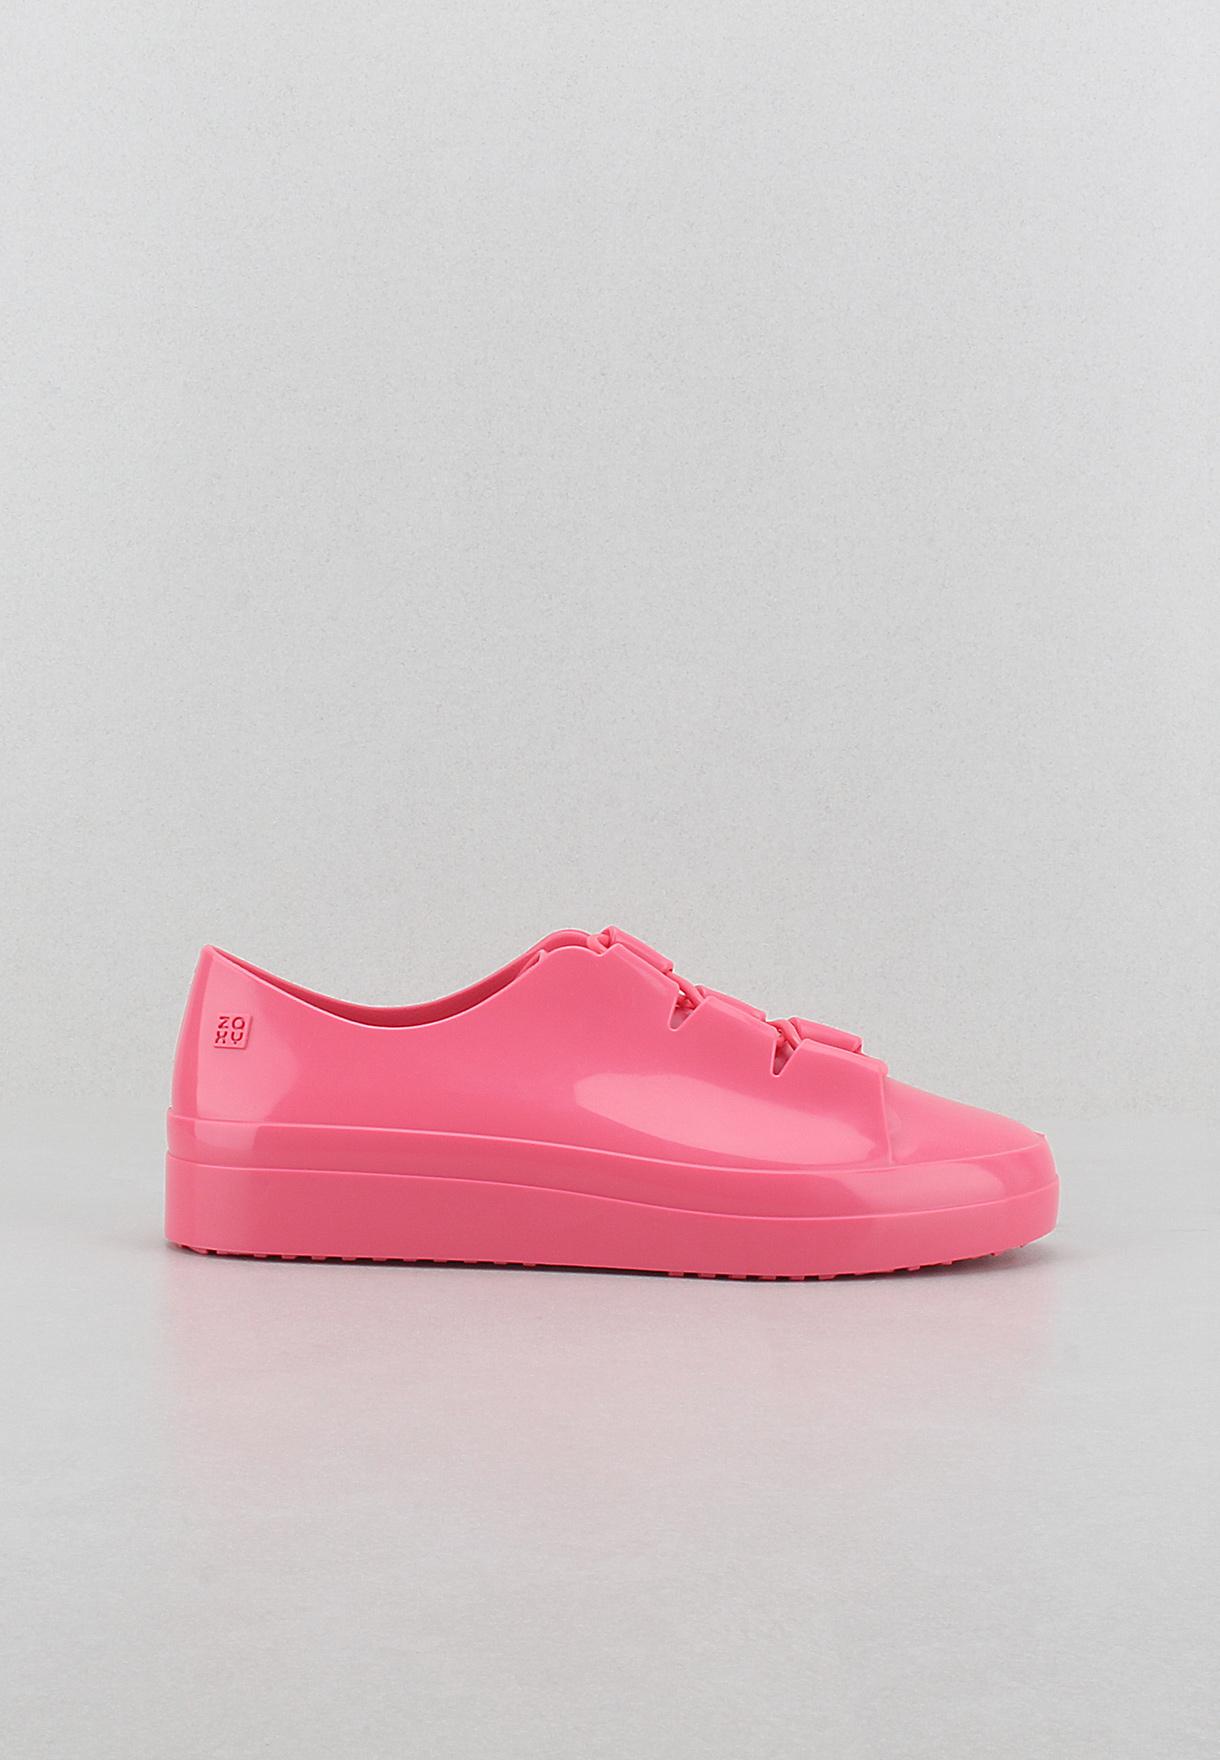 Zaxy Change Sneakers